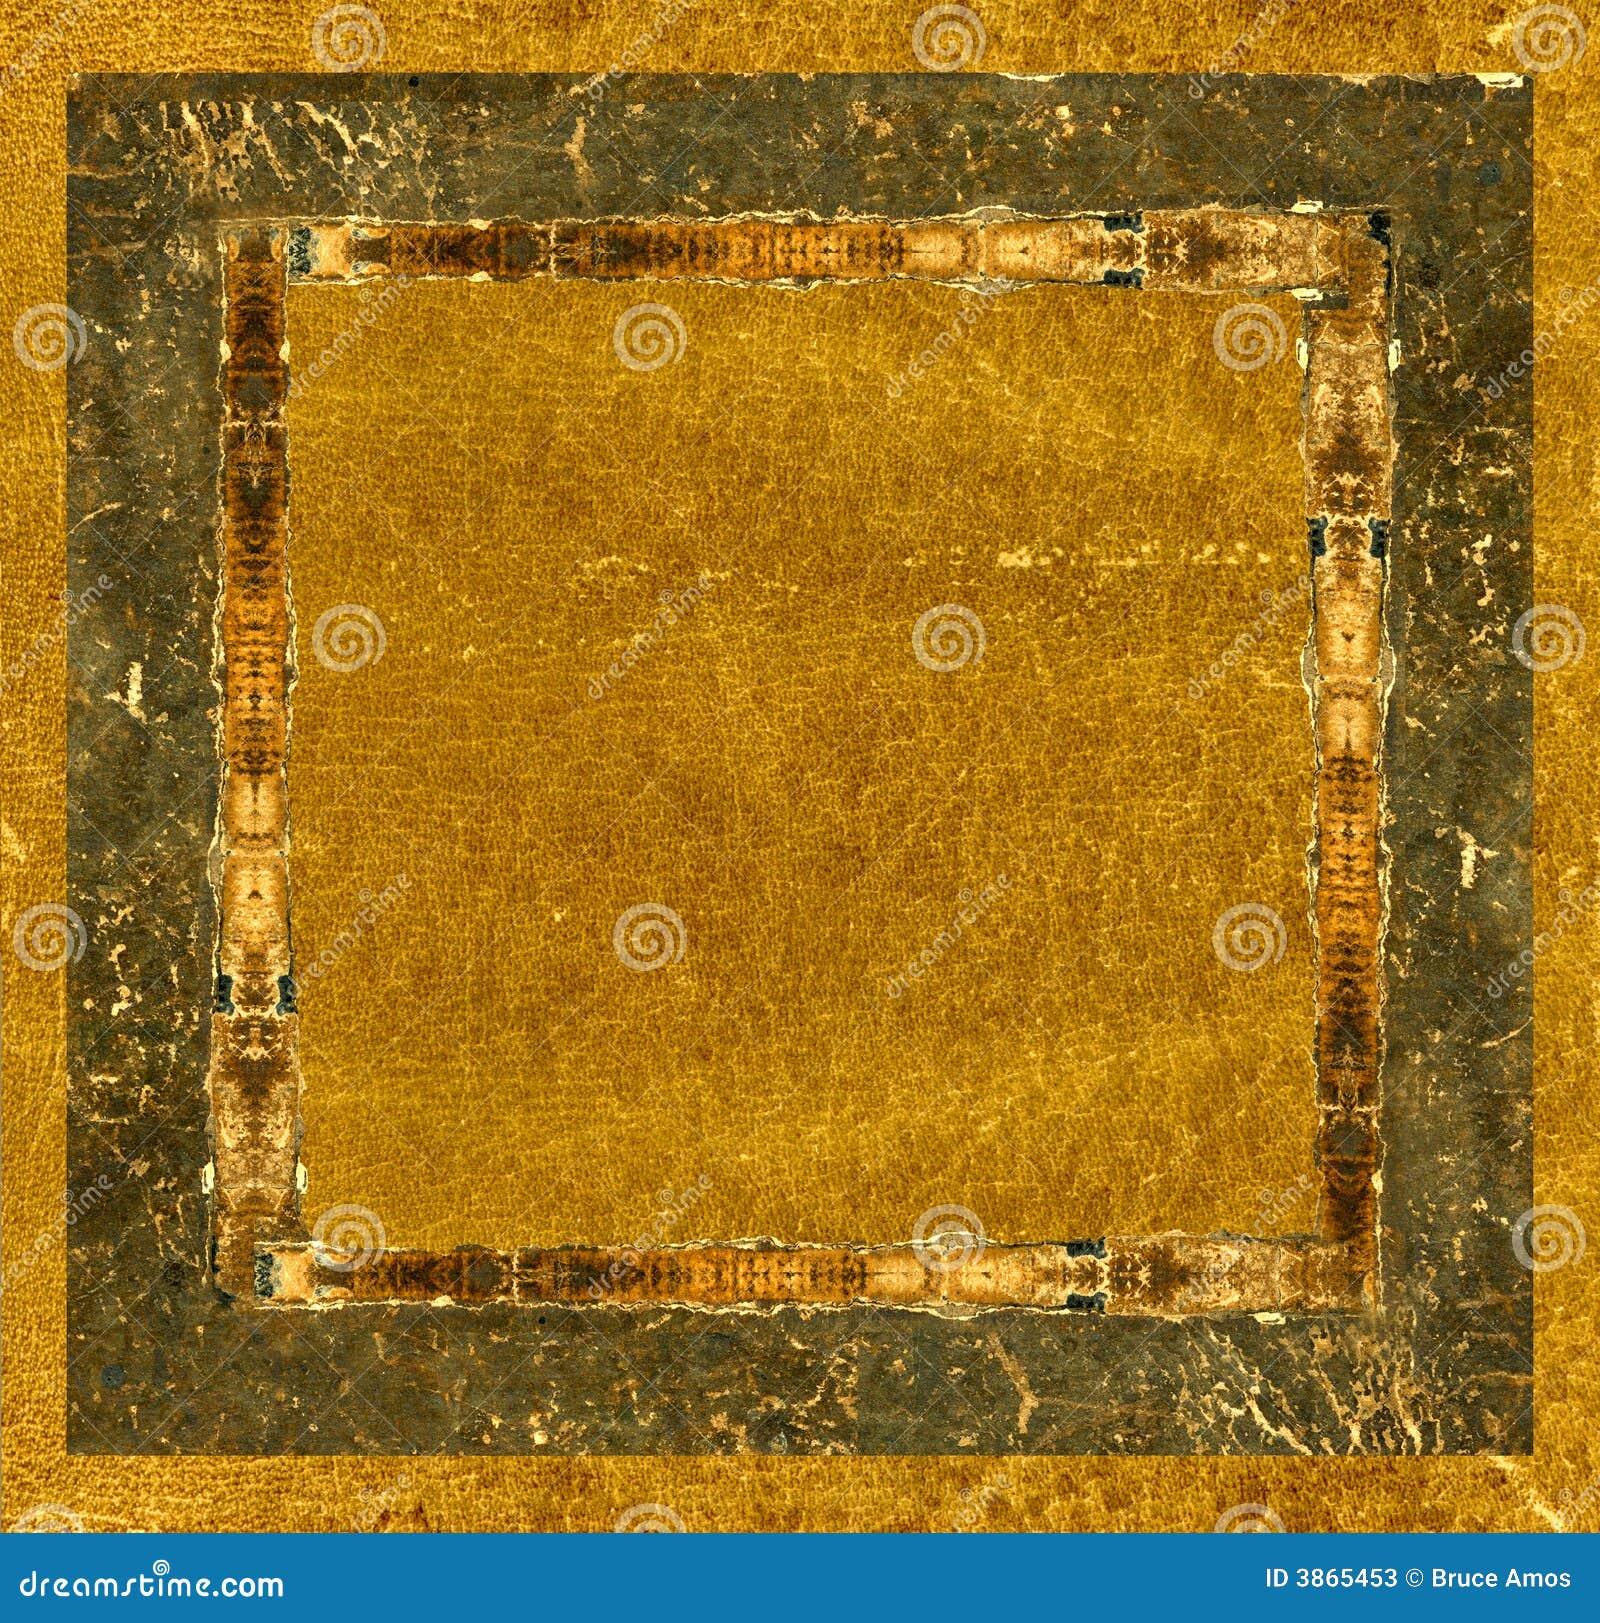 Grunge Lederner Bilderrahmen Stockbild - Bild von leder, sepia: 3865453